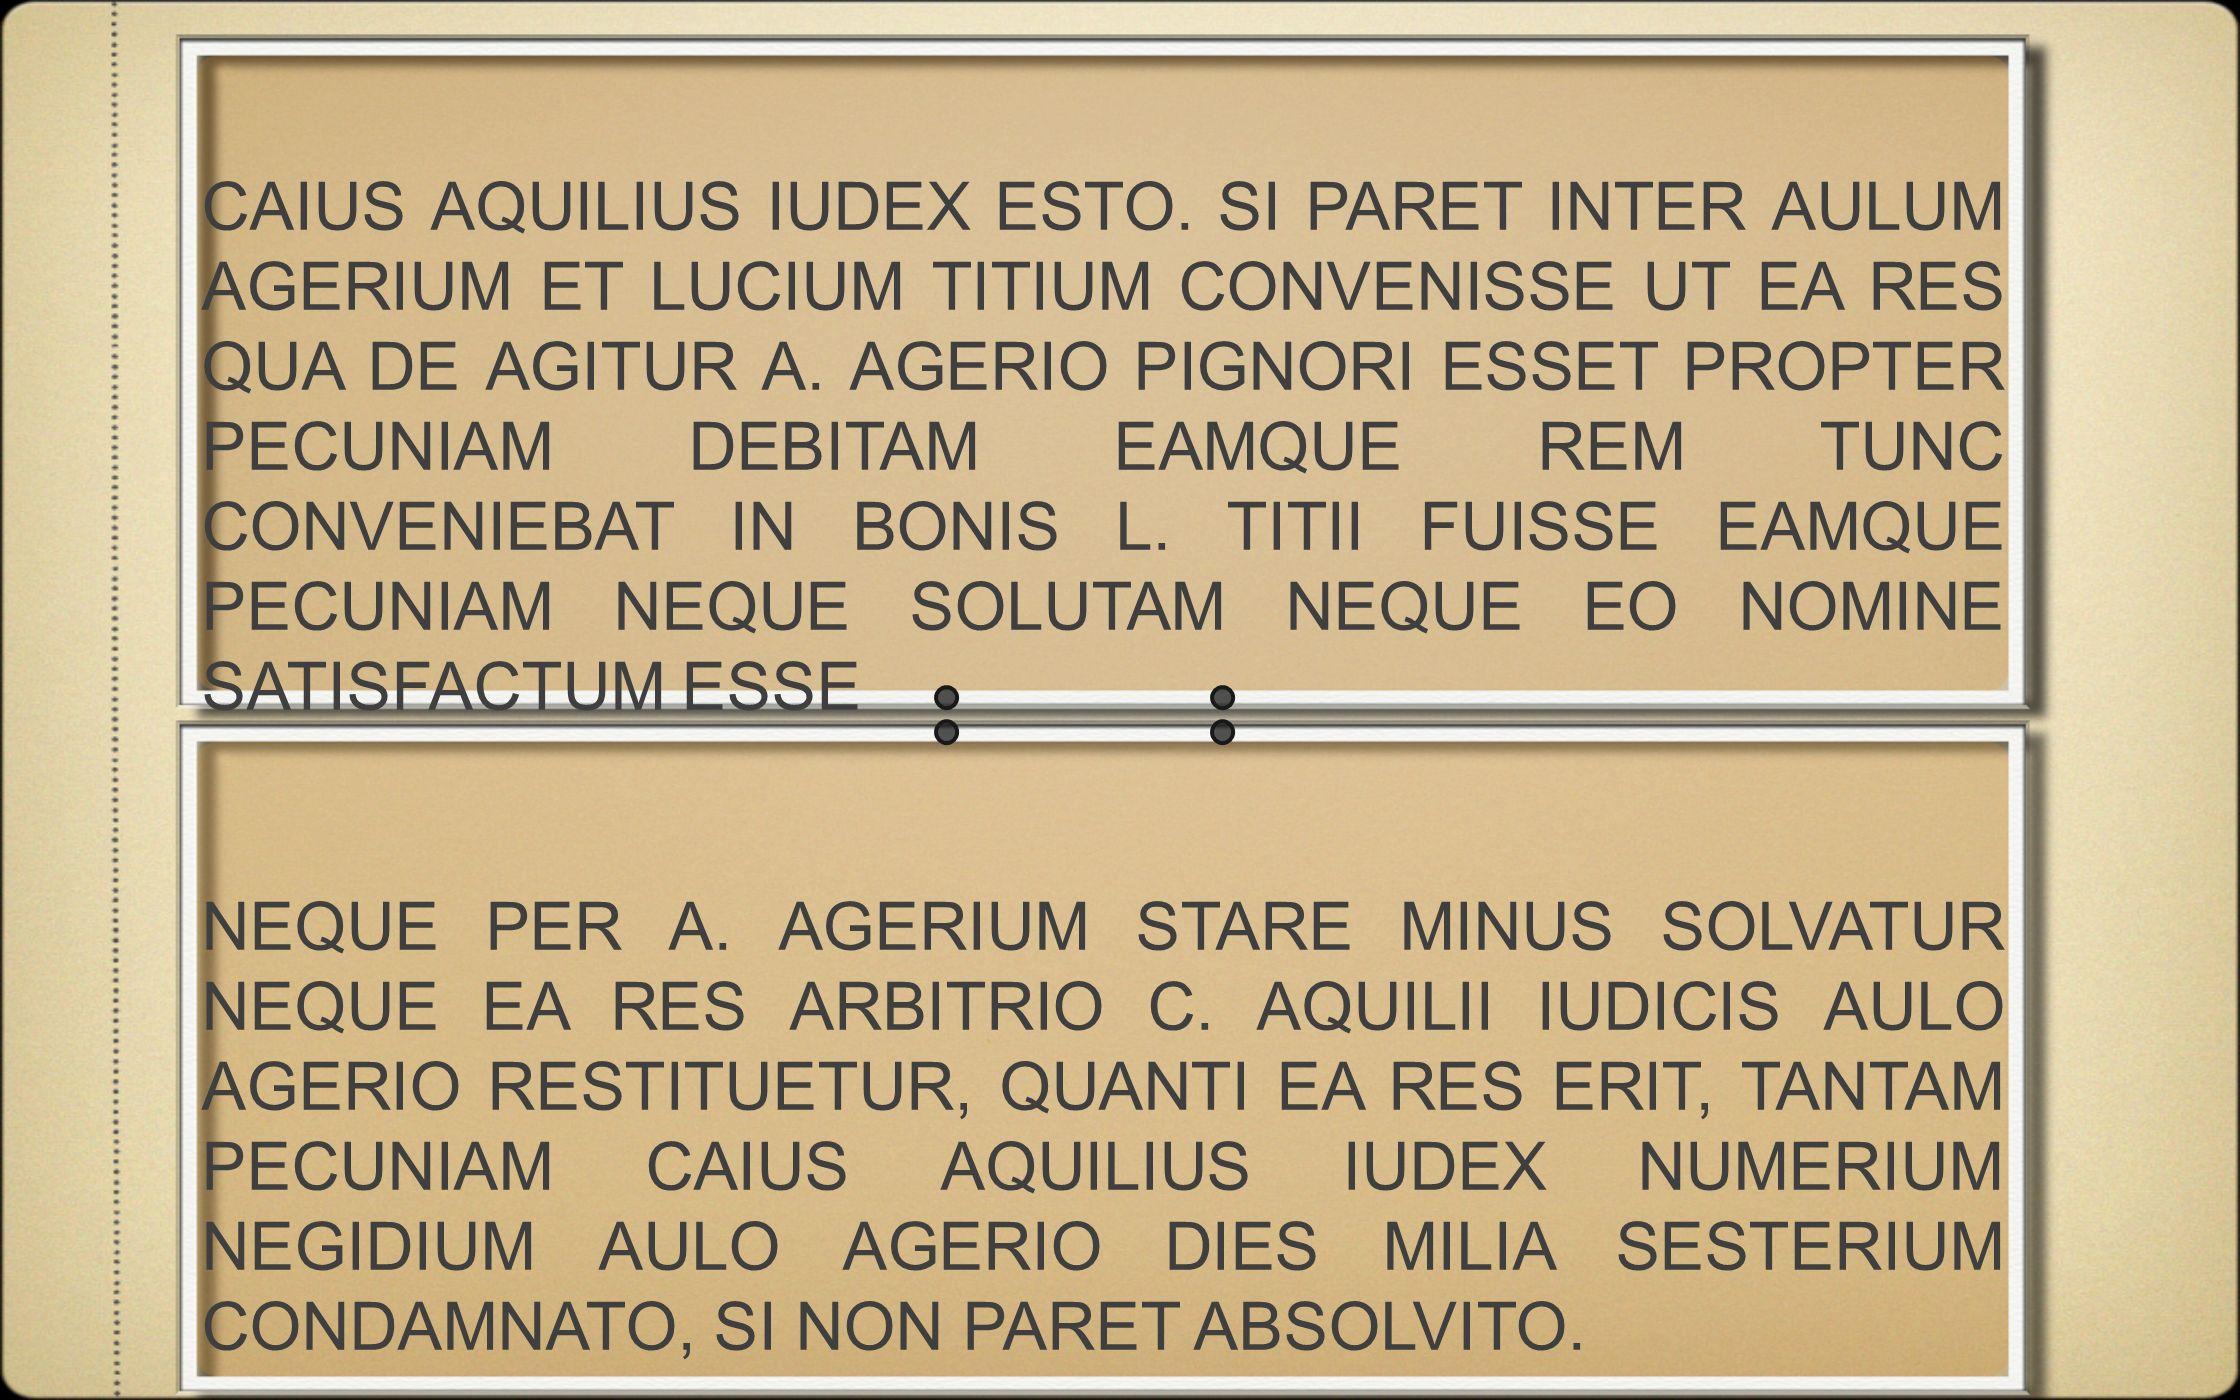 CAIUS AQUILIUS IUDEX ESTO